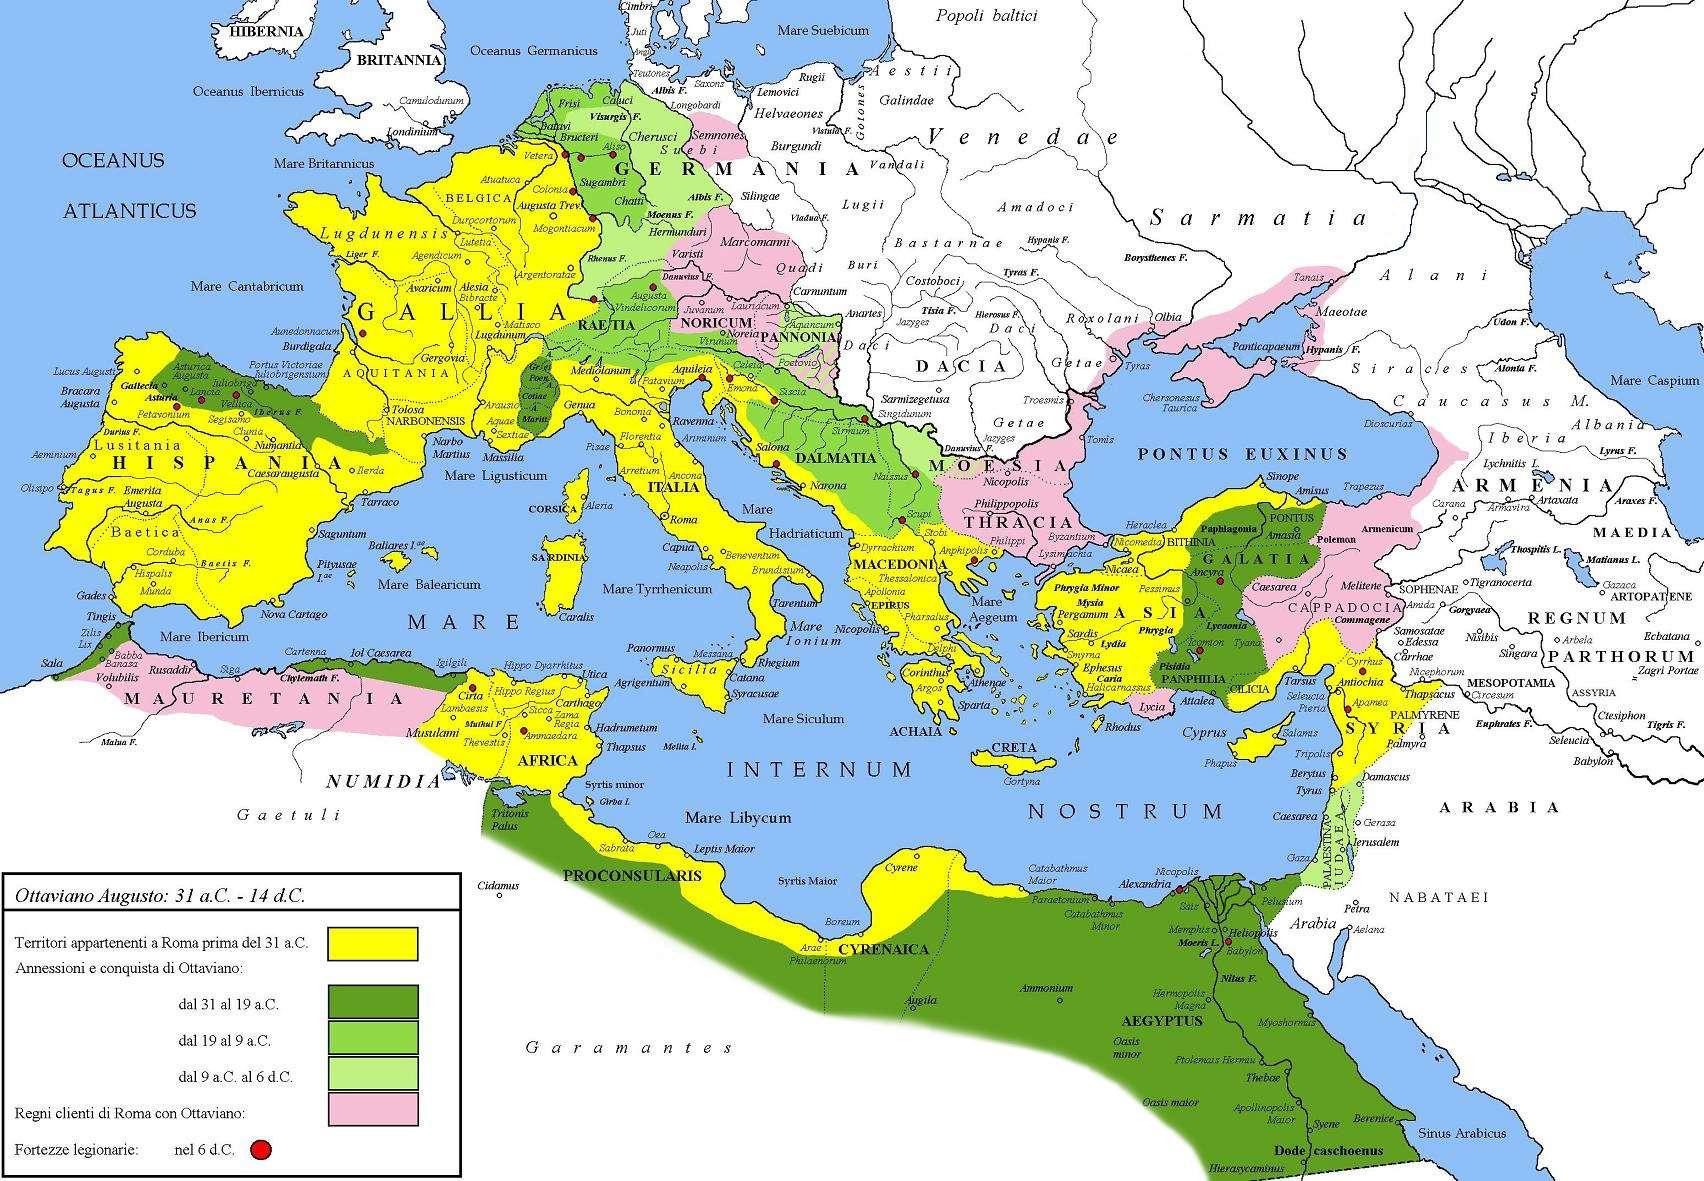 Έκταση της Ρωμαϊκής Αυτοκρατορίας υπό τον Αύγουστο. Με κίτρινο χρώμα σημειώνεται η έκταση του κράτους το 31 π.Χ., με πράσινο χρώμα οι περιοχές που κατακτήθηκαν όσο ήταν στην εξουσία ο Αύγουστος και με ροζ τα υποτελή κράτη.